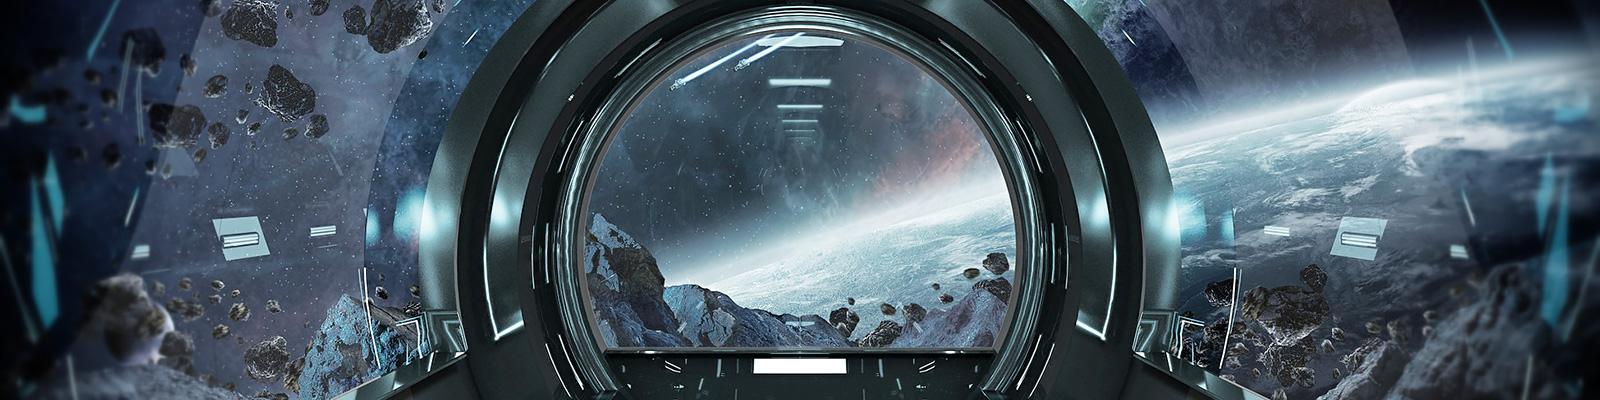 宇宙ステーション イメージ